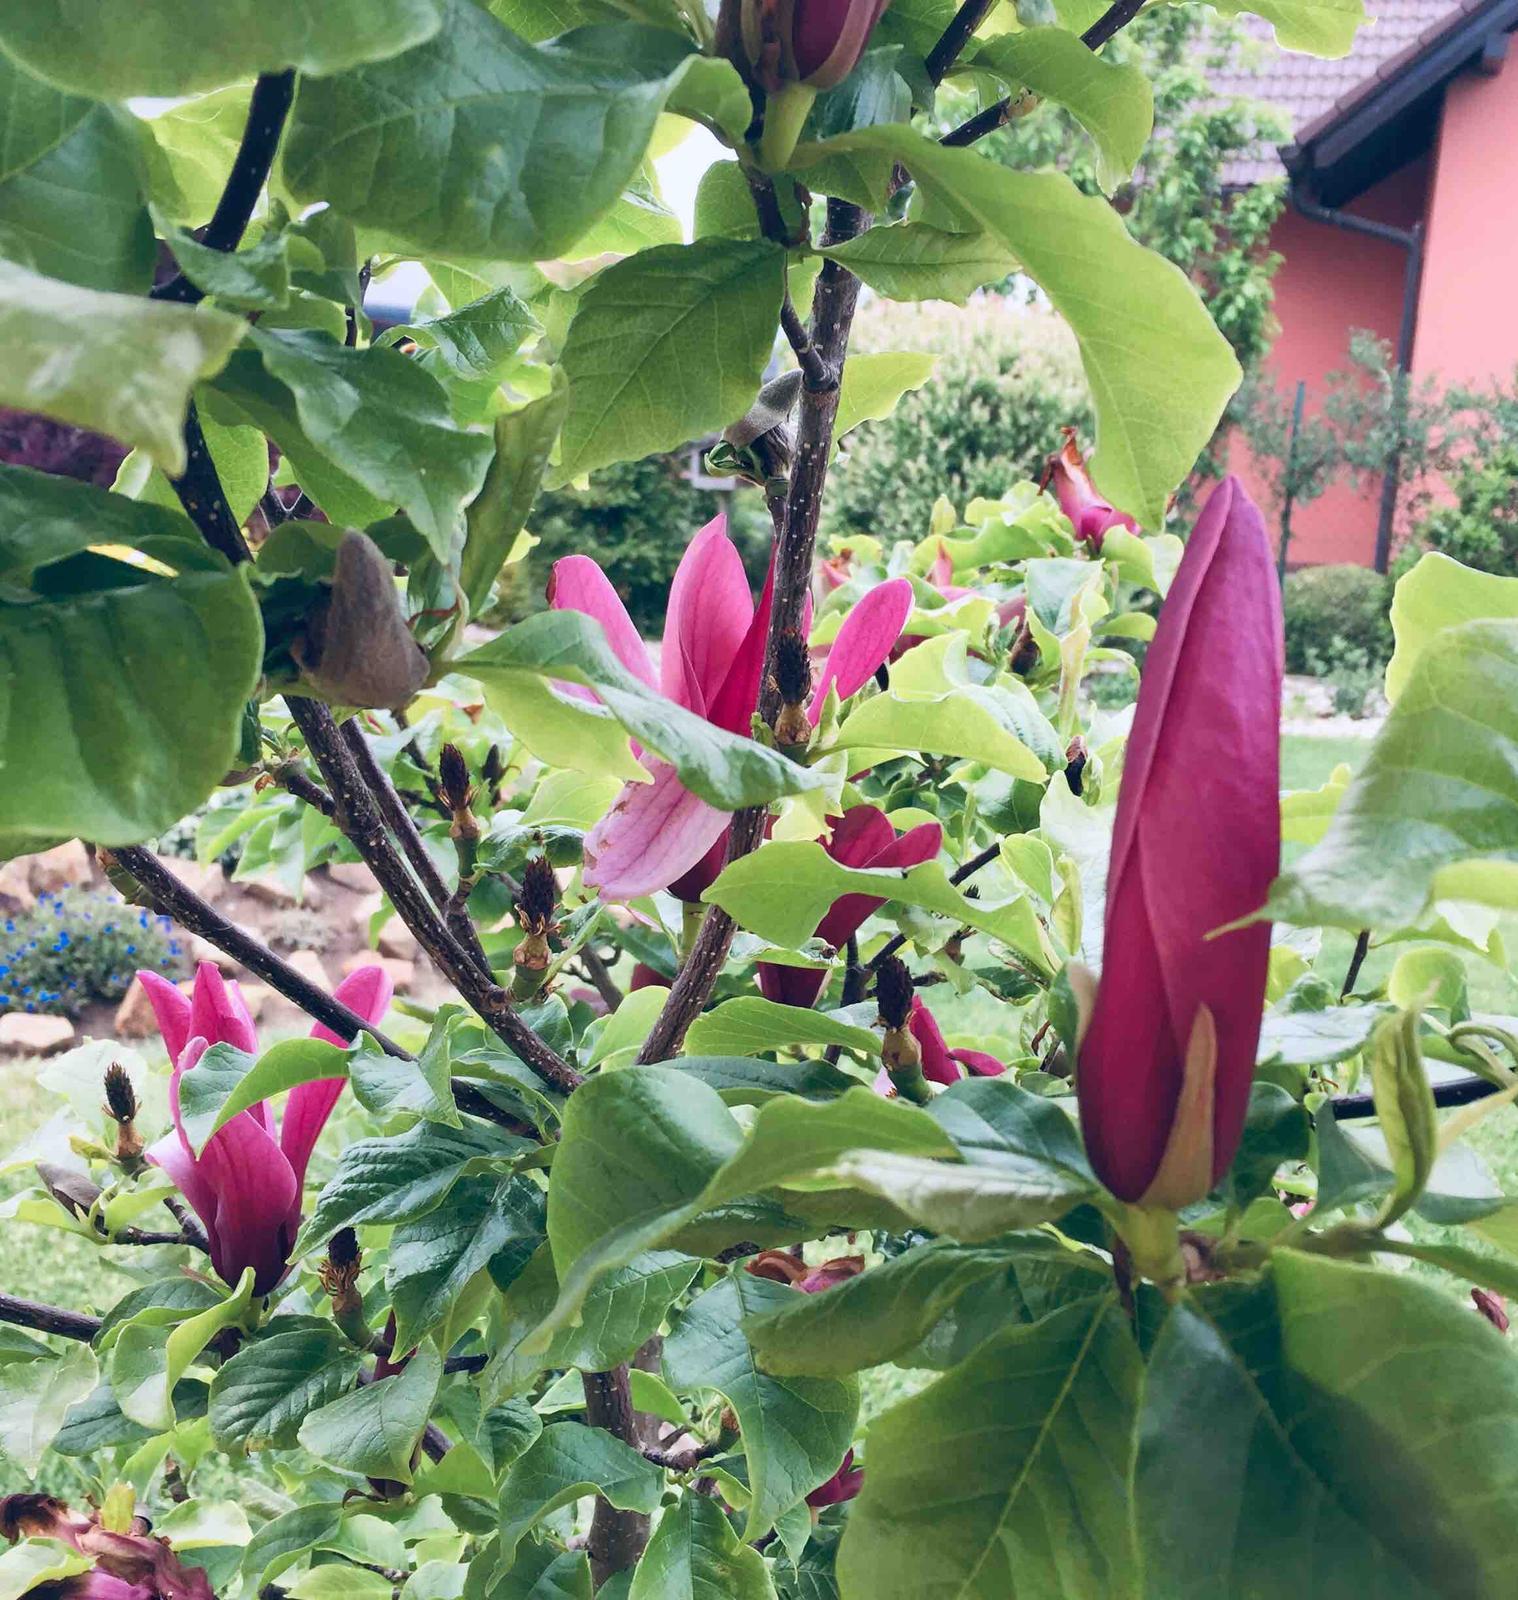 Naše barevná zahrada 🌸 rok 2020 - Magnolie Nigra-aktuální foto-kvete už více jak tři týdny